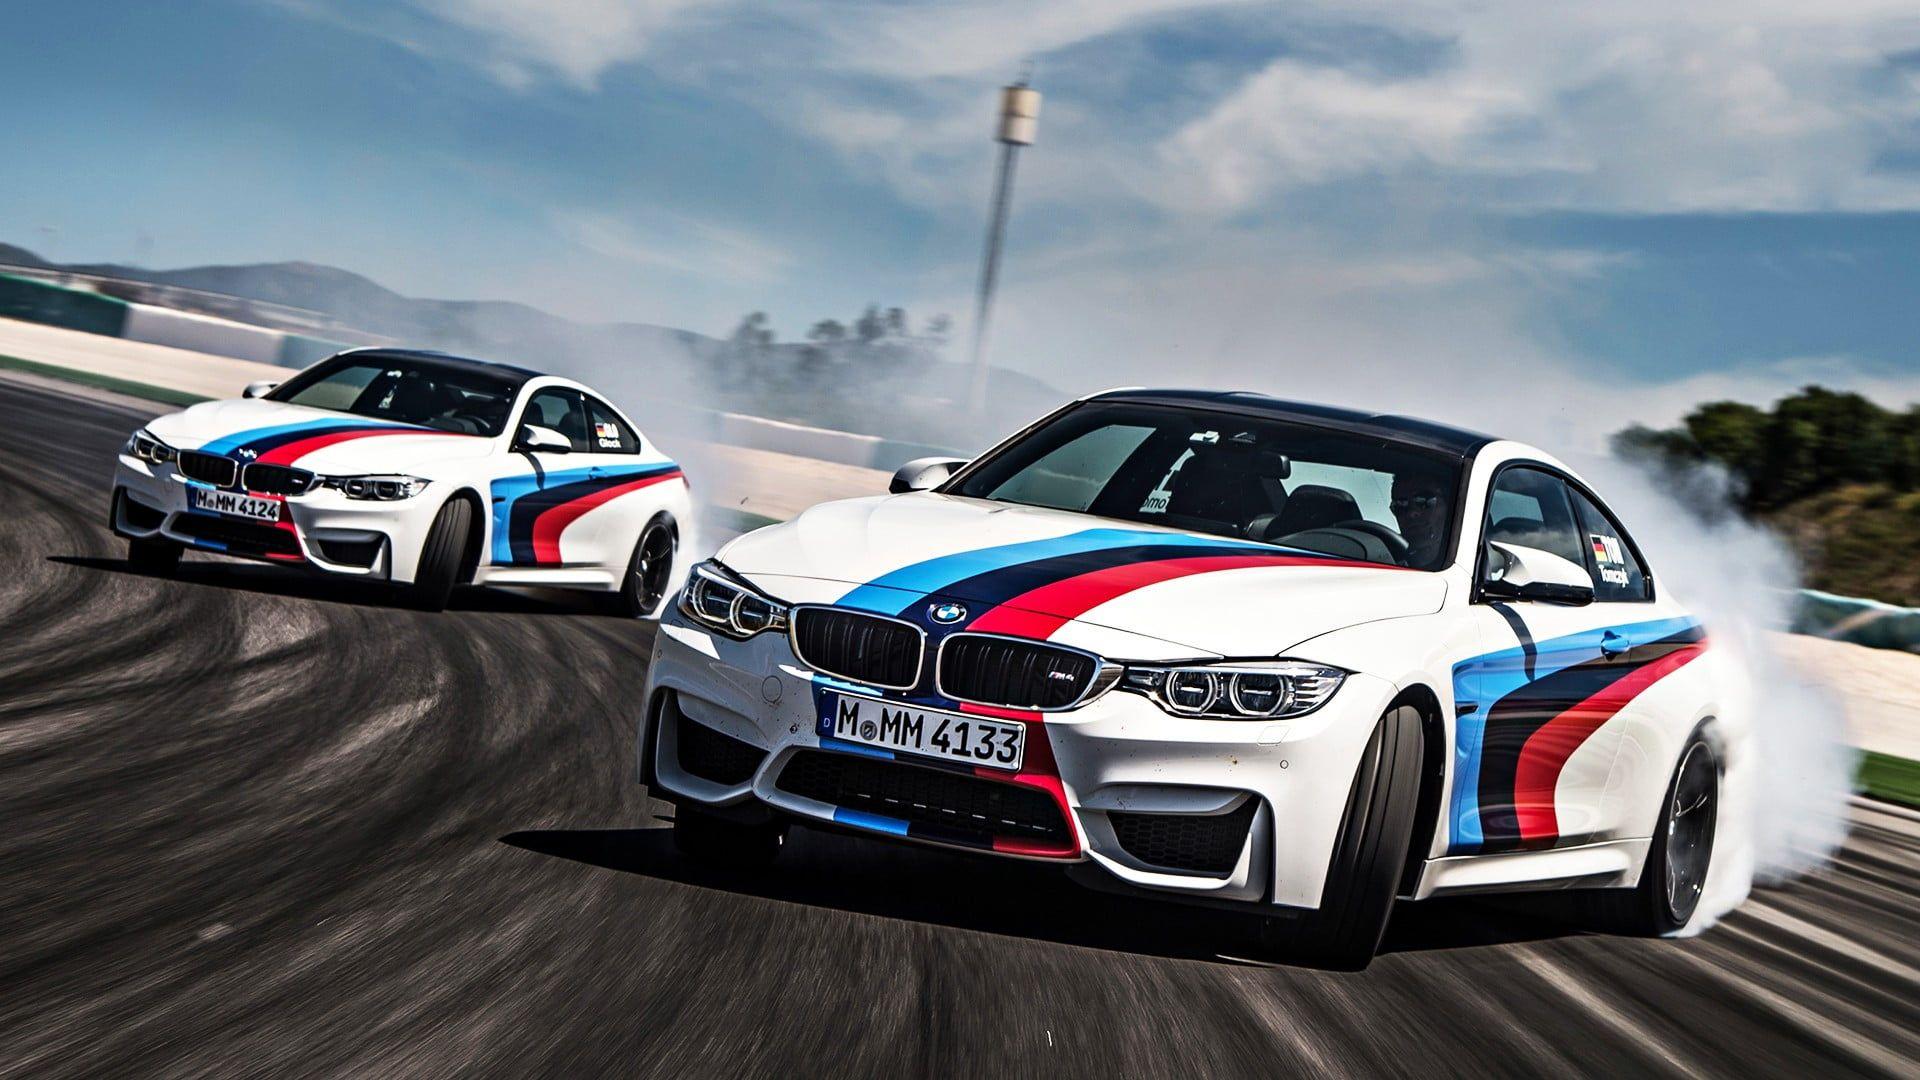 Two White Stock Cars Bmw M4 Car Drift Top Gear Racing 1080p Wallpaper Hdwallpaper Desktop In 2021 Drift Cars Wallpapers Bmw Drift Wallpapers